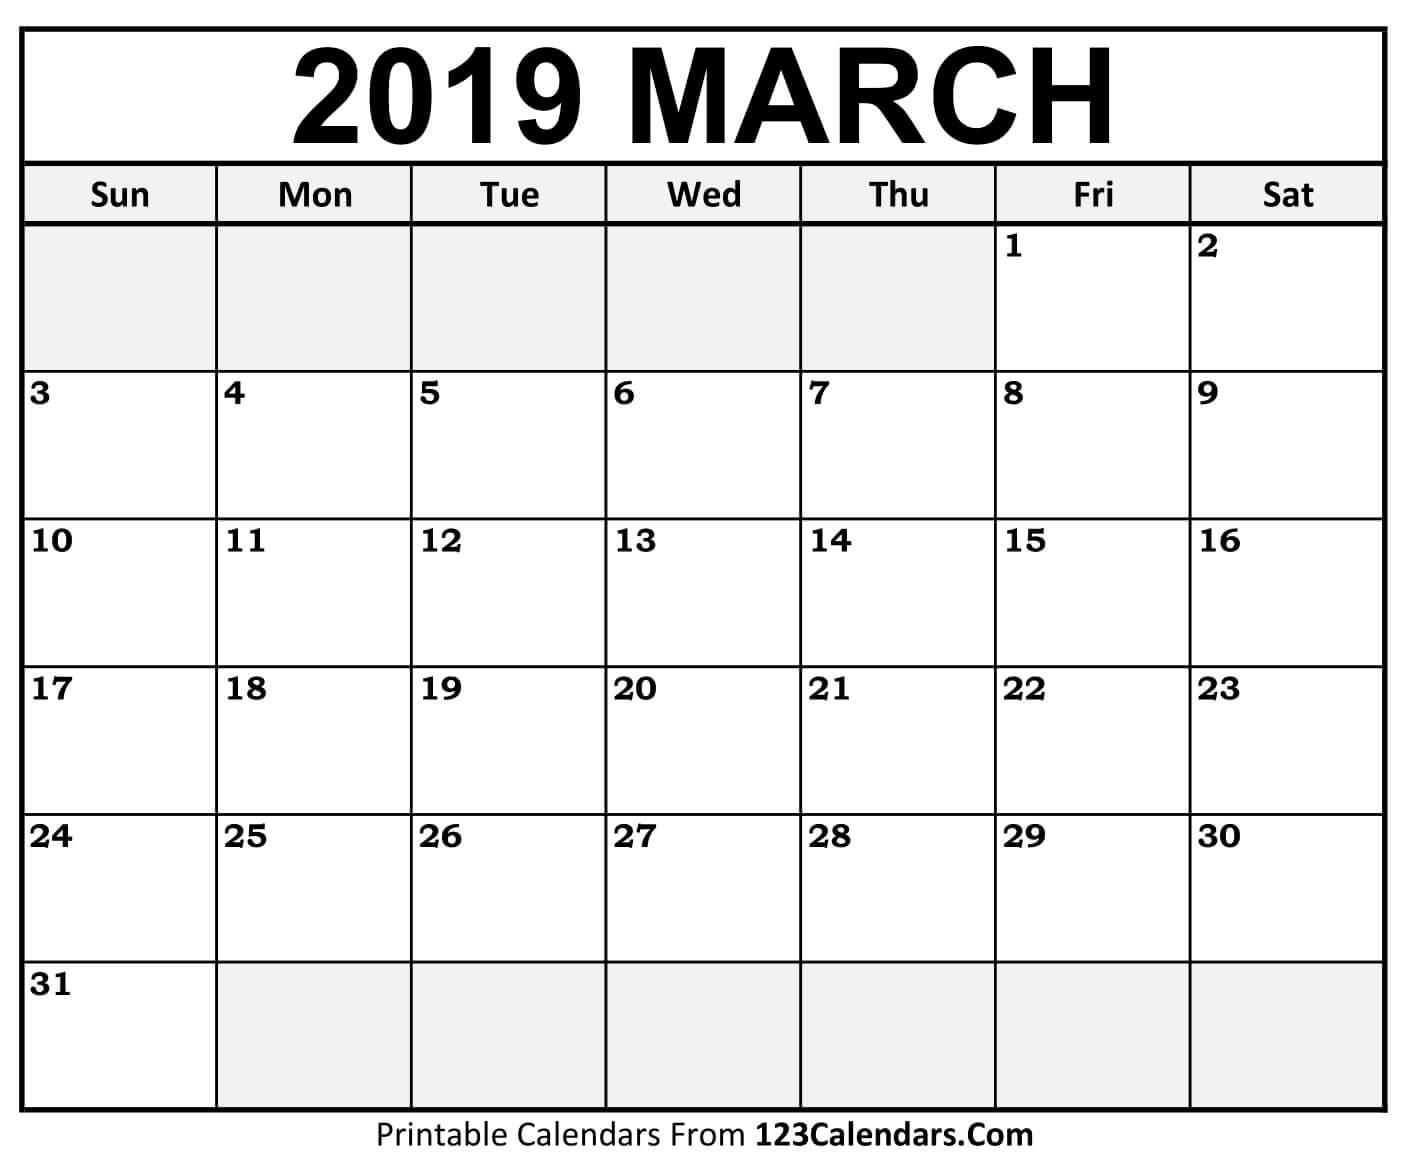 Printable March 2019 Calendar Templates - 123Calendars A Calendar For March 2019